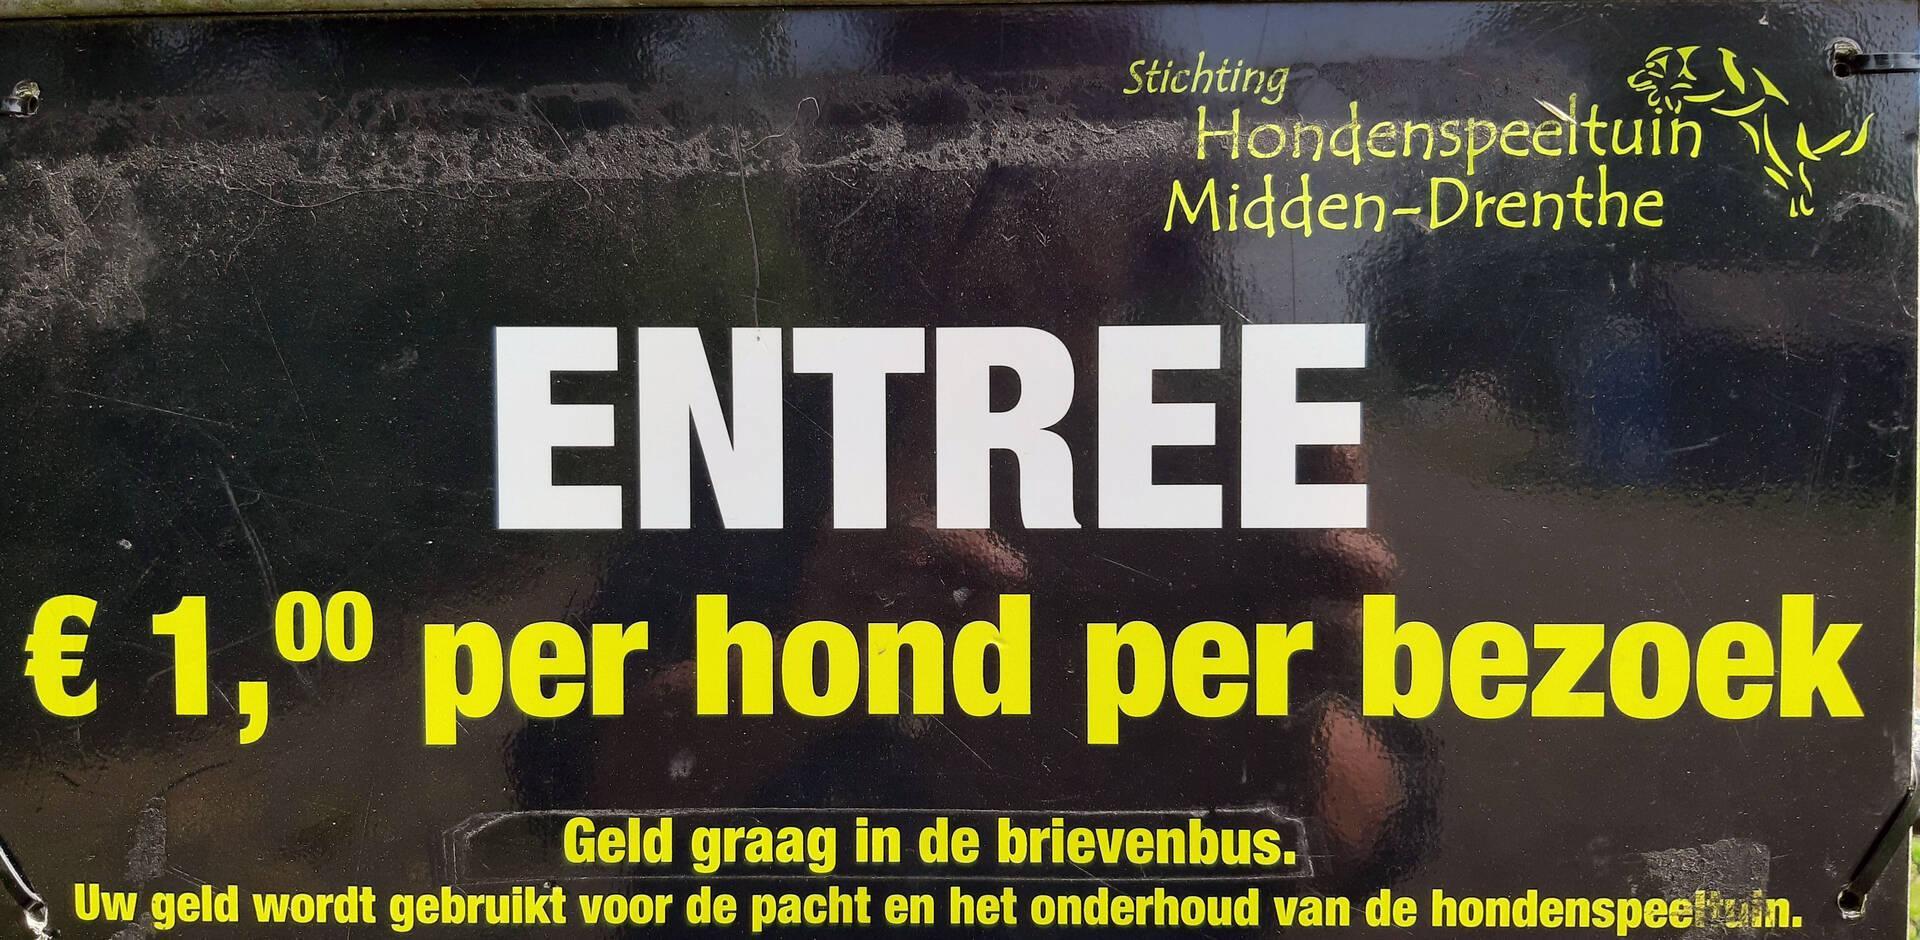 Hondenspeeltuin Midden-Drenthe